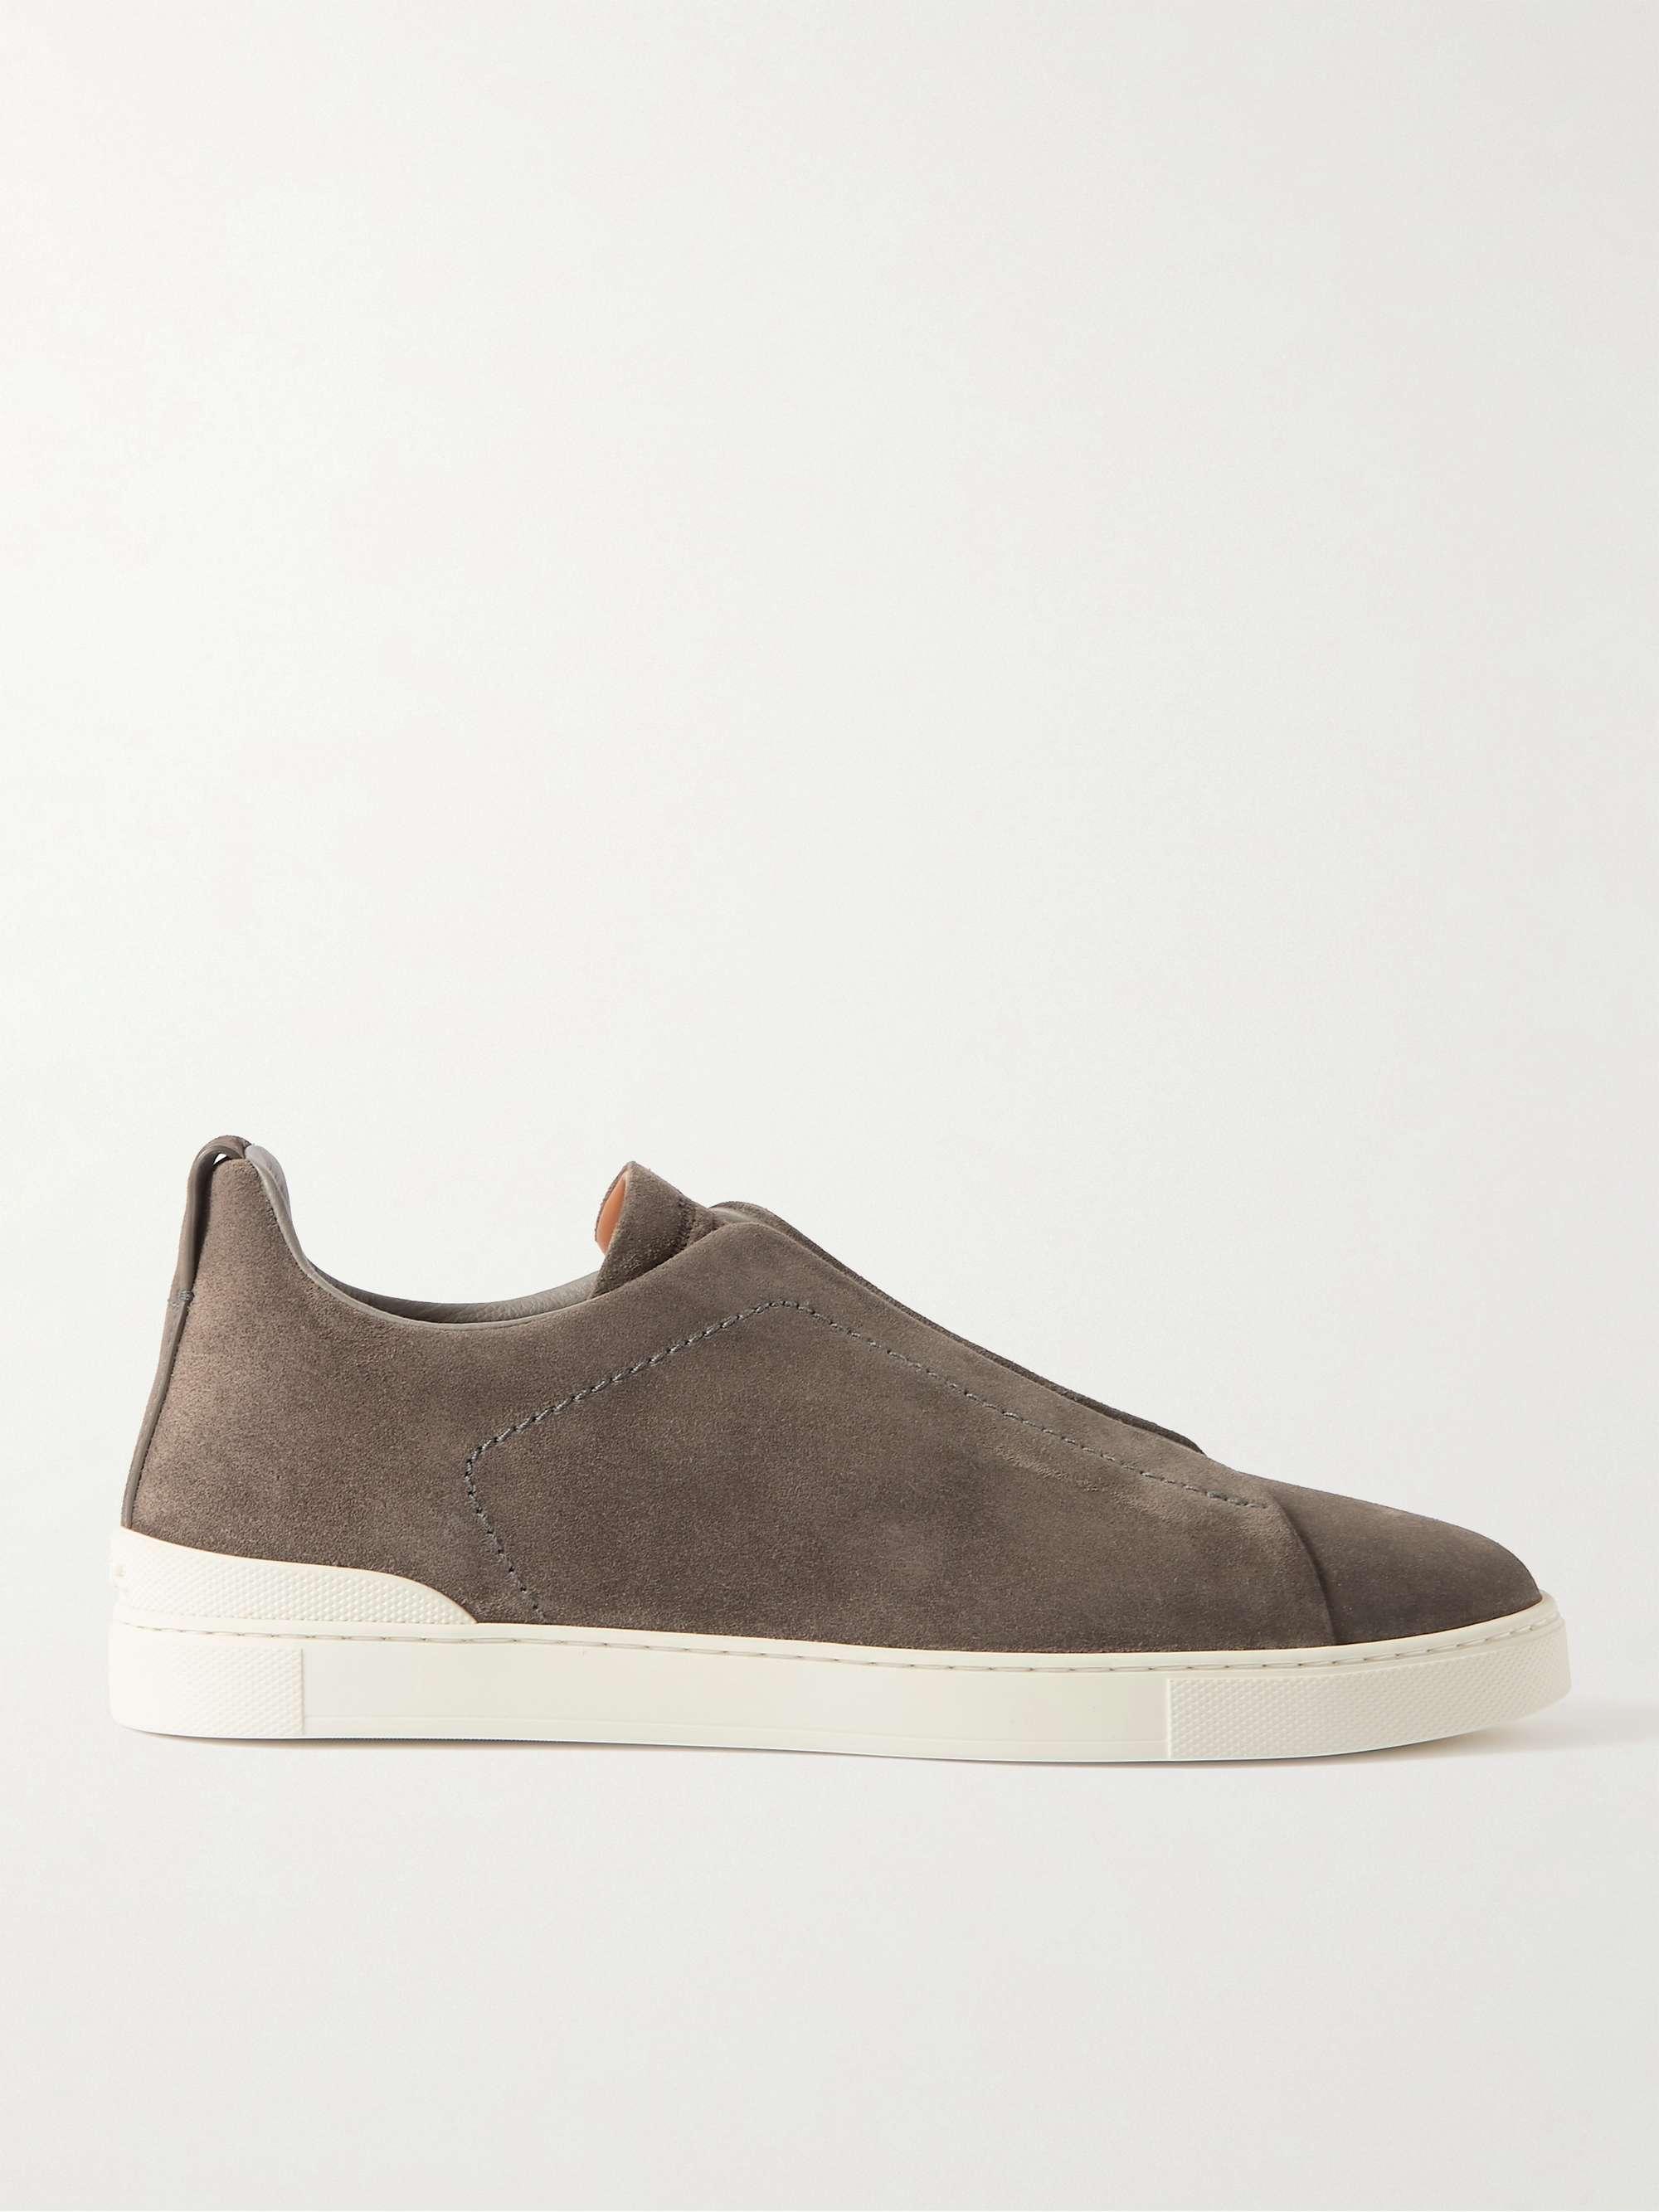 제냐 슬립온 스니커즈, 스웨이드 - 그레이 ('갯마을 차차차' 김선호 착용 다른 컬러) Zegna Suede Slip-On Sneakers,Gray